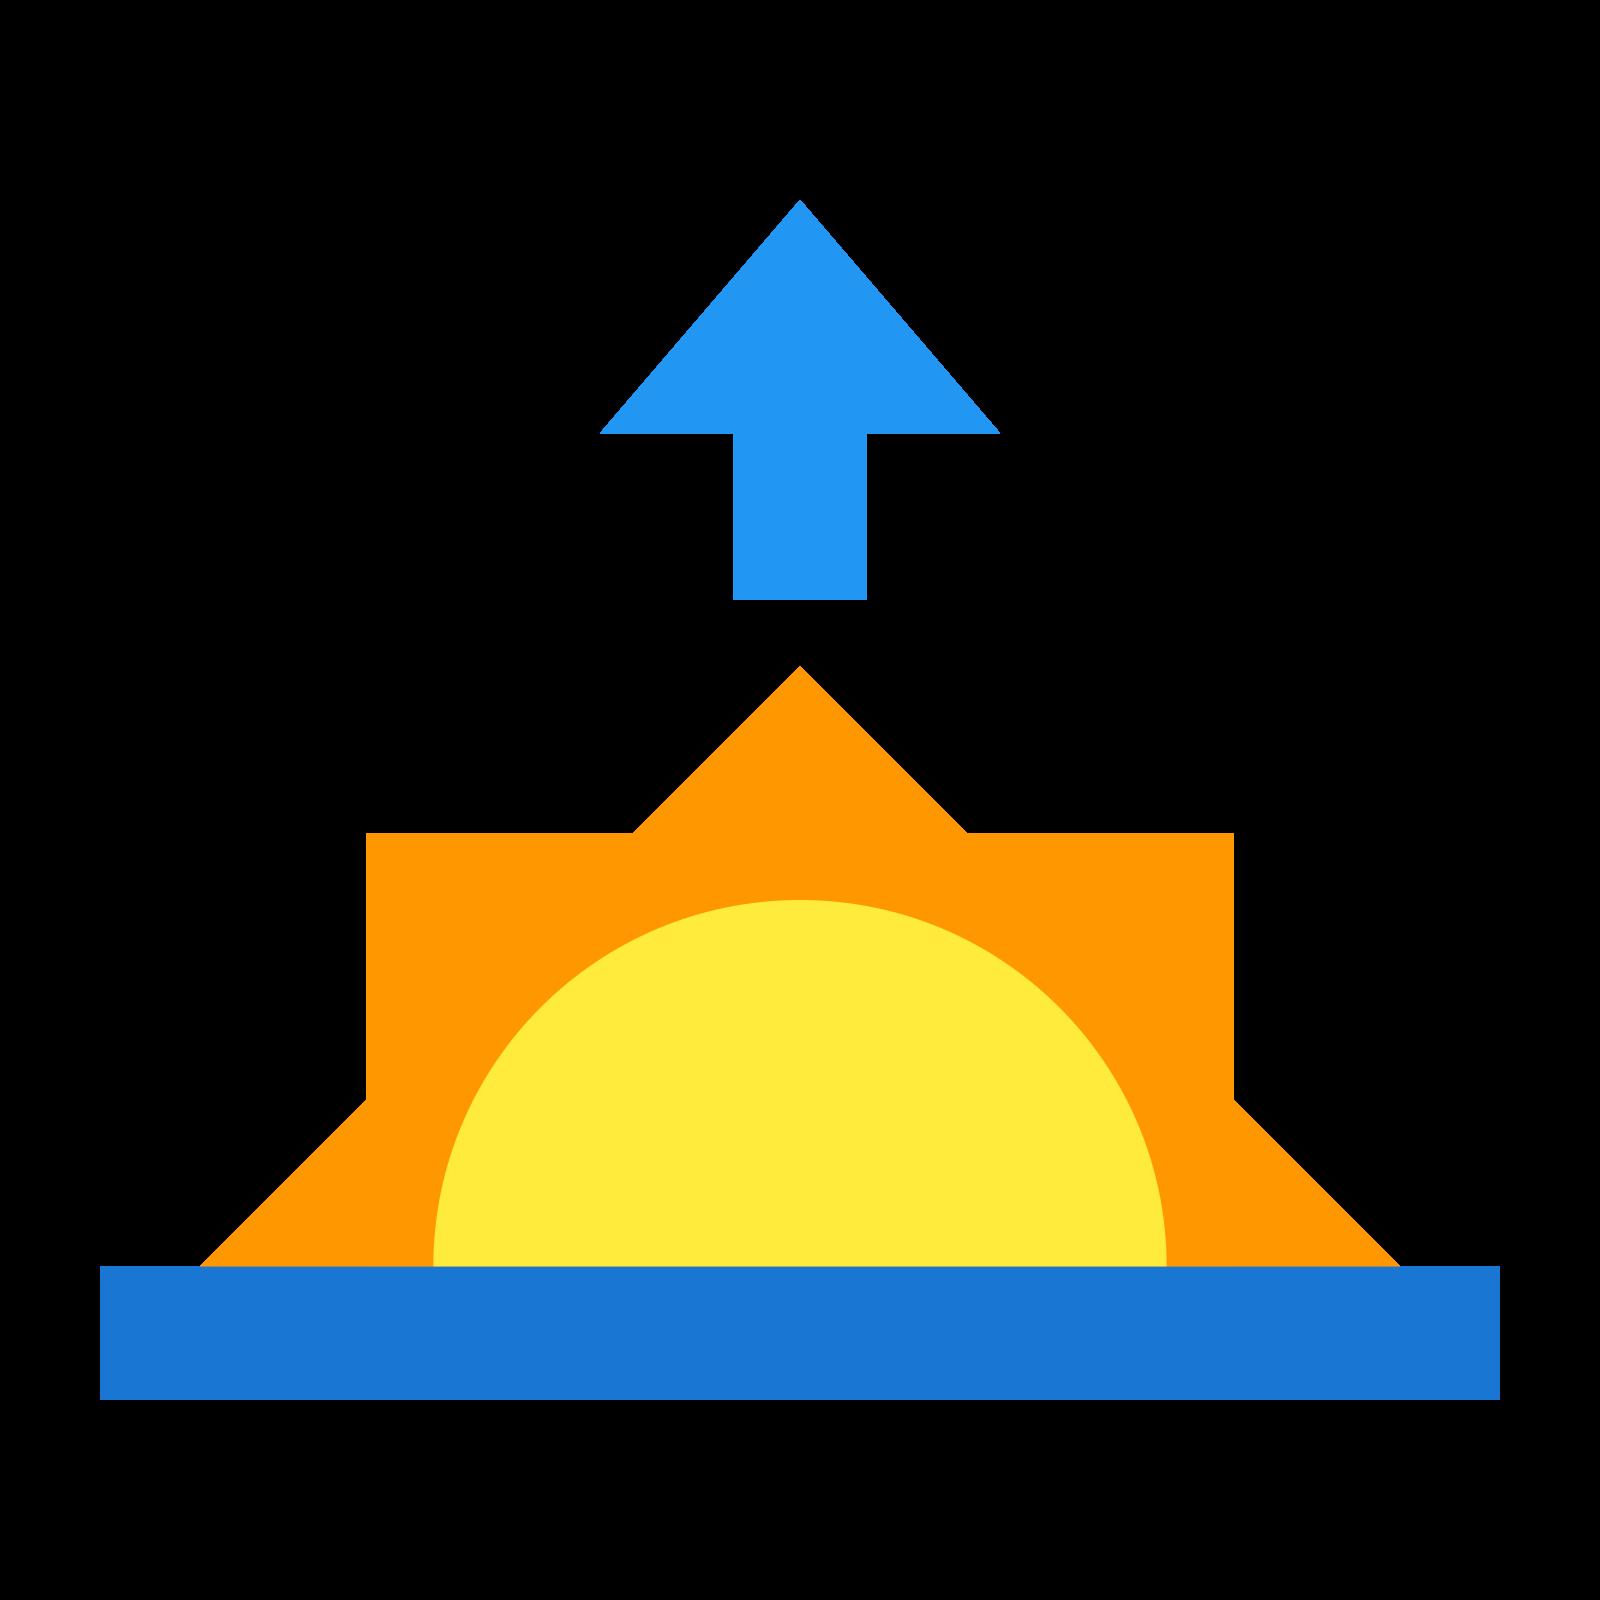 日の出 icon. It's a sun peaking halfway up over the horizon. Above the half-sun and its three rays, there is an arrow which points up to the sky.